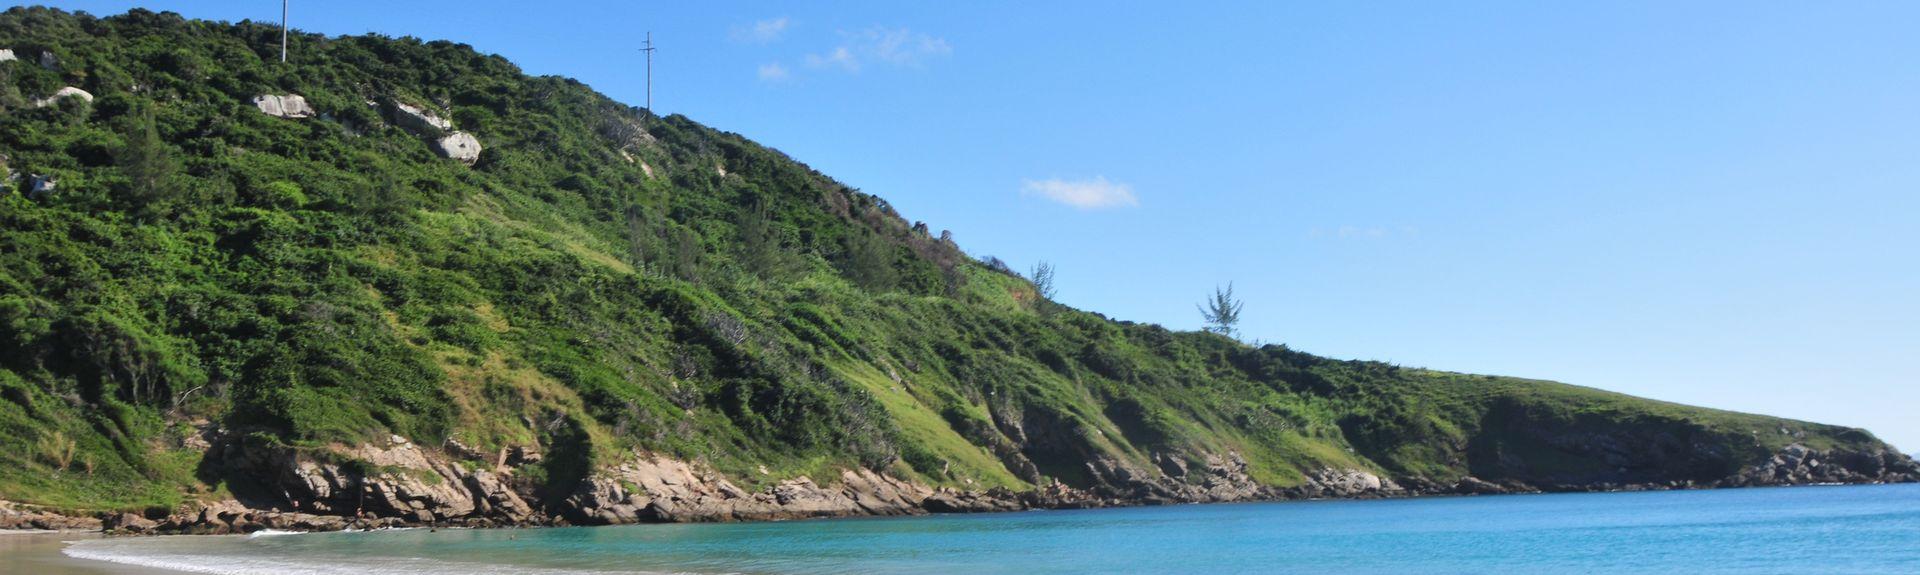 Praia Grande, Arraial do Cabo, Estado de Río de Janeiro, BR